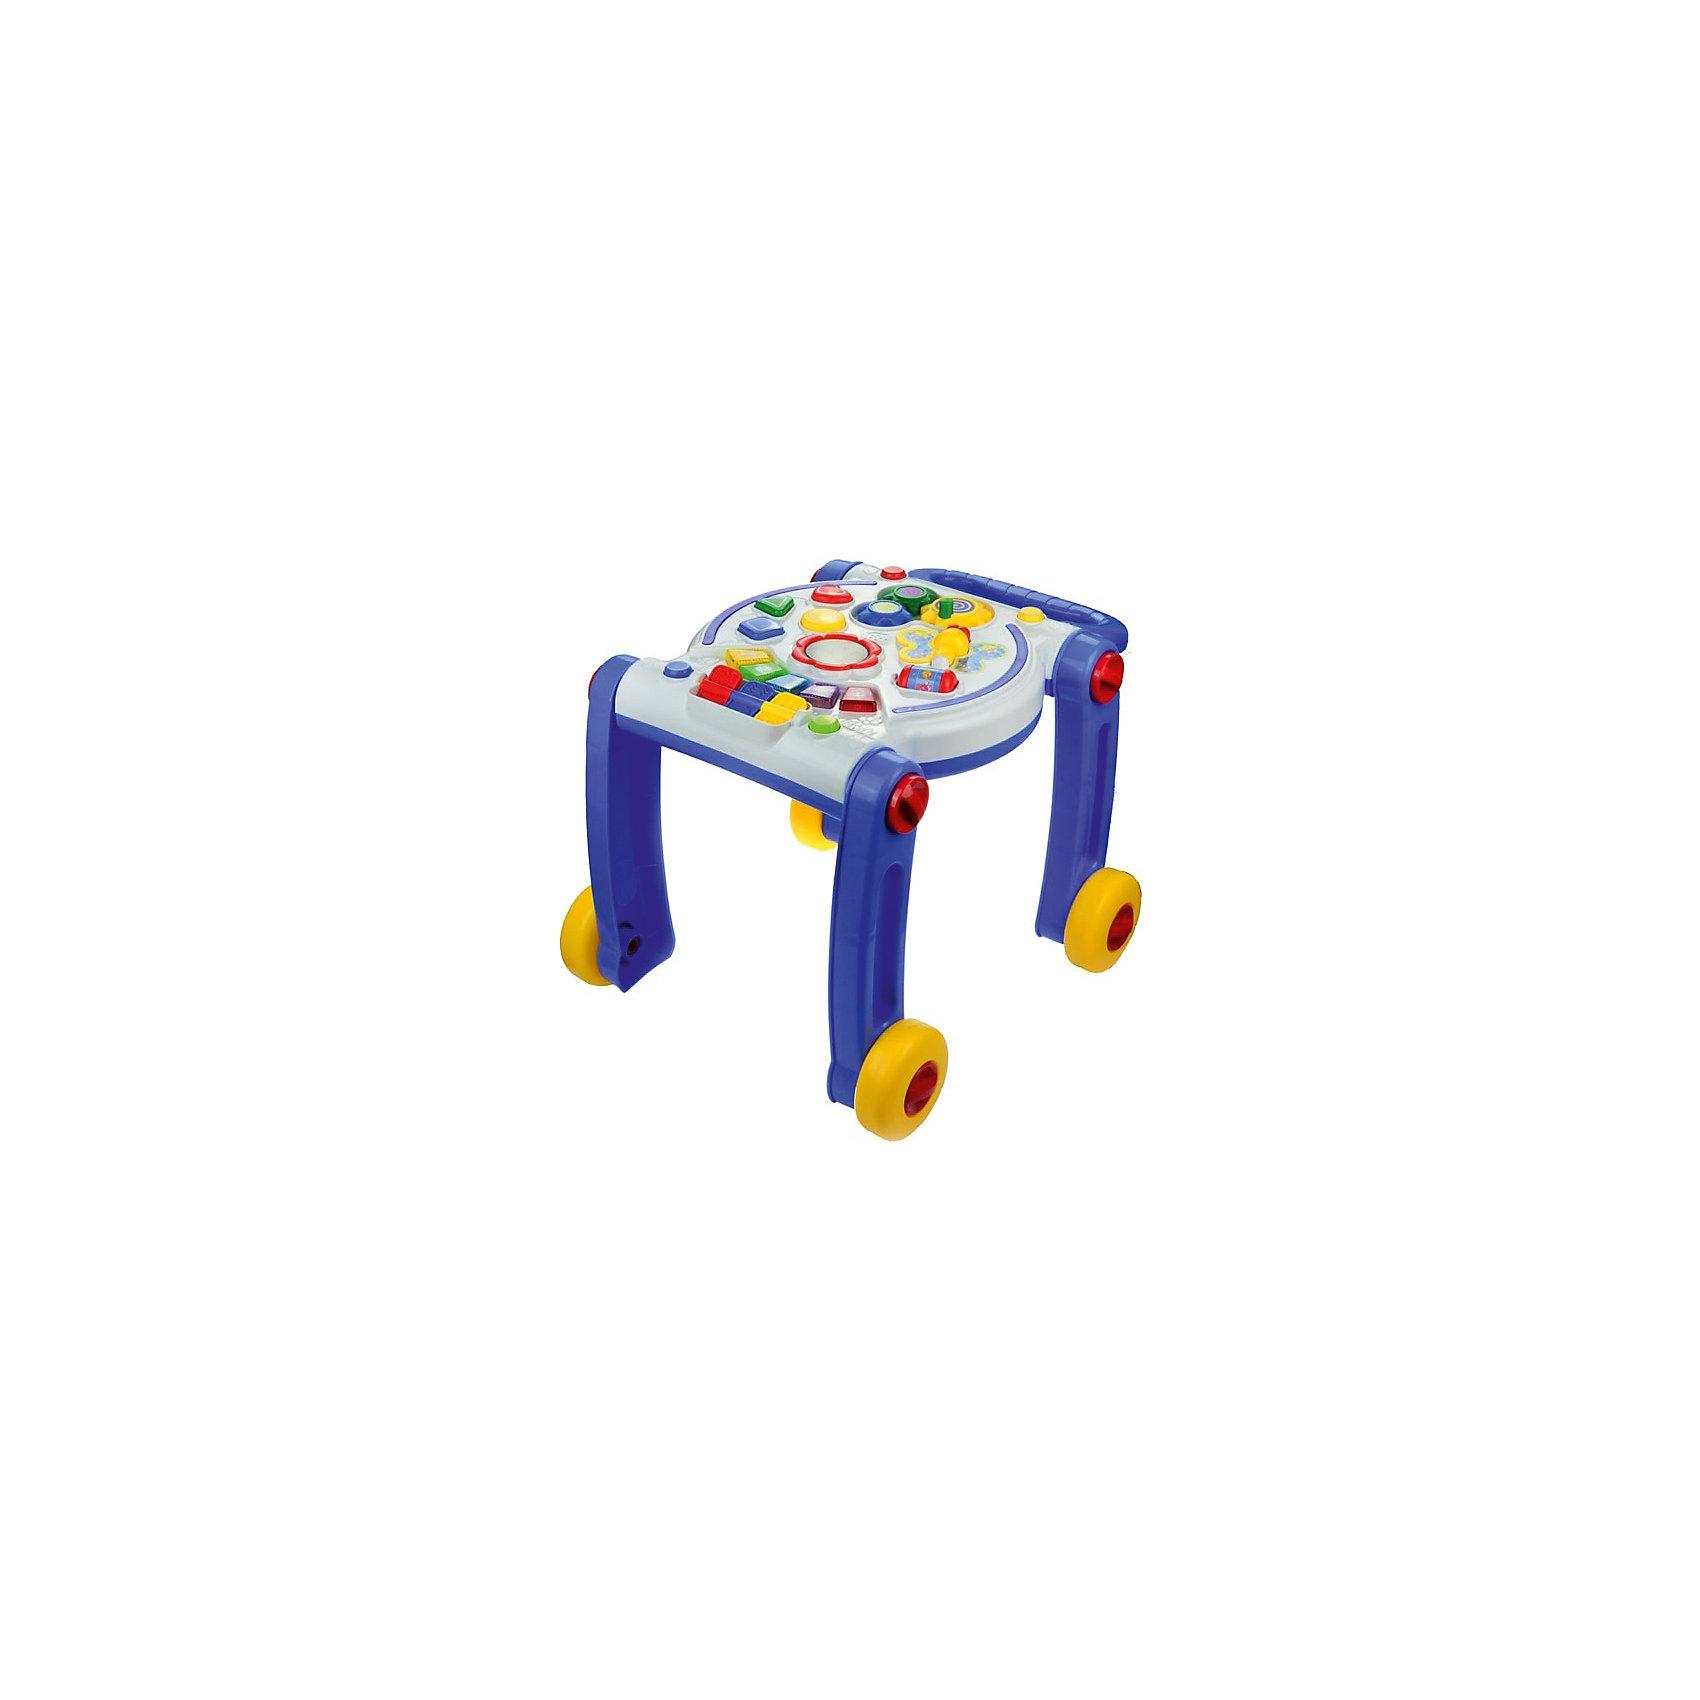 Развивающая игрушка-ходунки Умный кроха, обучение, рус. озвучка,свет,звук, МалышарикиМногофункциональная игрушка Милый кроха развивает мелкую моторику и слуховое восприятие малыша, а так же его логическое мышление. Играя с ходунками, ребёнок учится концентрировать внимание на определённых объектах. Эта весёлая игрушка помогает учить цифры и различать цвета. Оснащена световыми эффектами, а также звуковым сопровождением на русском языке. Выполнена в ярком дизайне и из безопасных материалов.<br><br>Ширина мм: 410<br>Глубина мм: 520<br>Высота мм: 370<br>Вес г: 2745<br>Возраст от месяцев: 12<br>Возраст до месяцев: 36<br>Пол: Унисекс<br>Возраст: Детский<br>SKU: 4779832